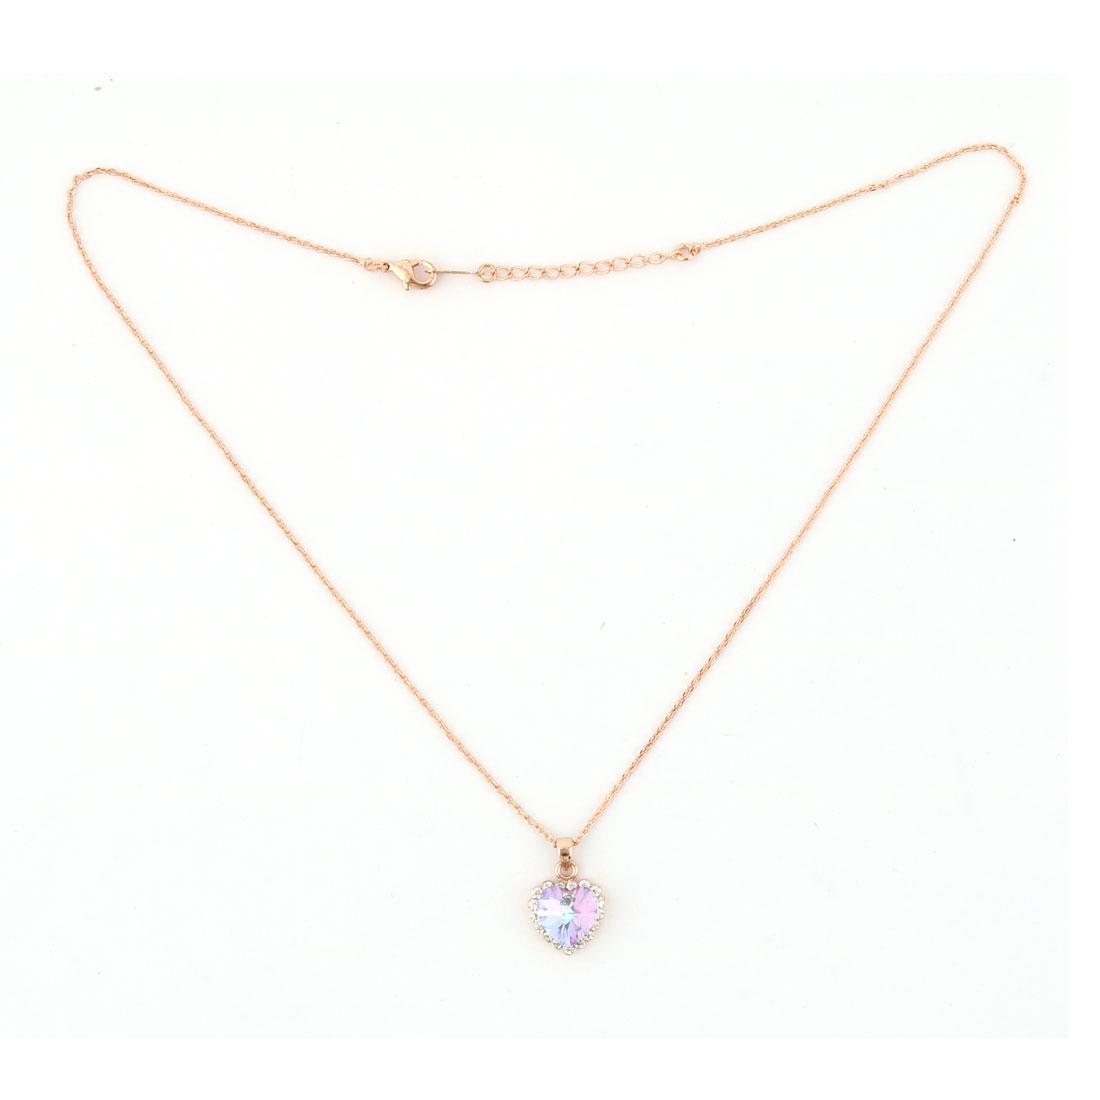 Lady Rhinestone Heart Design Pendant Jewelry Necklace Clothing Decor Gold Tone